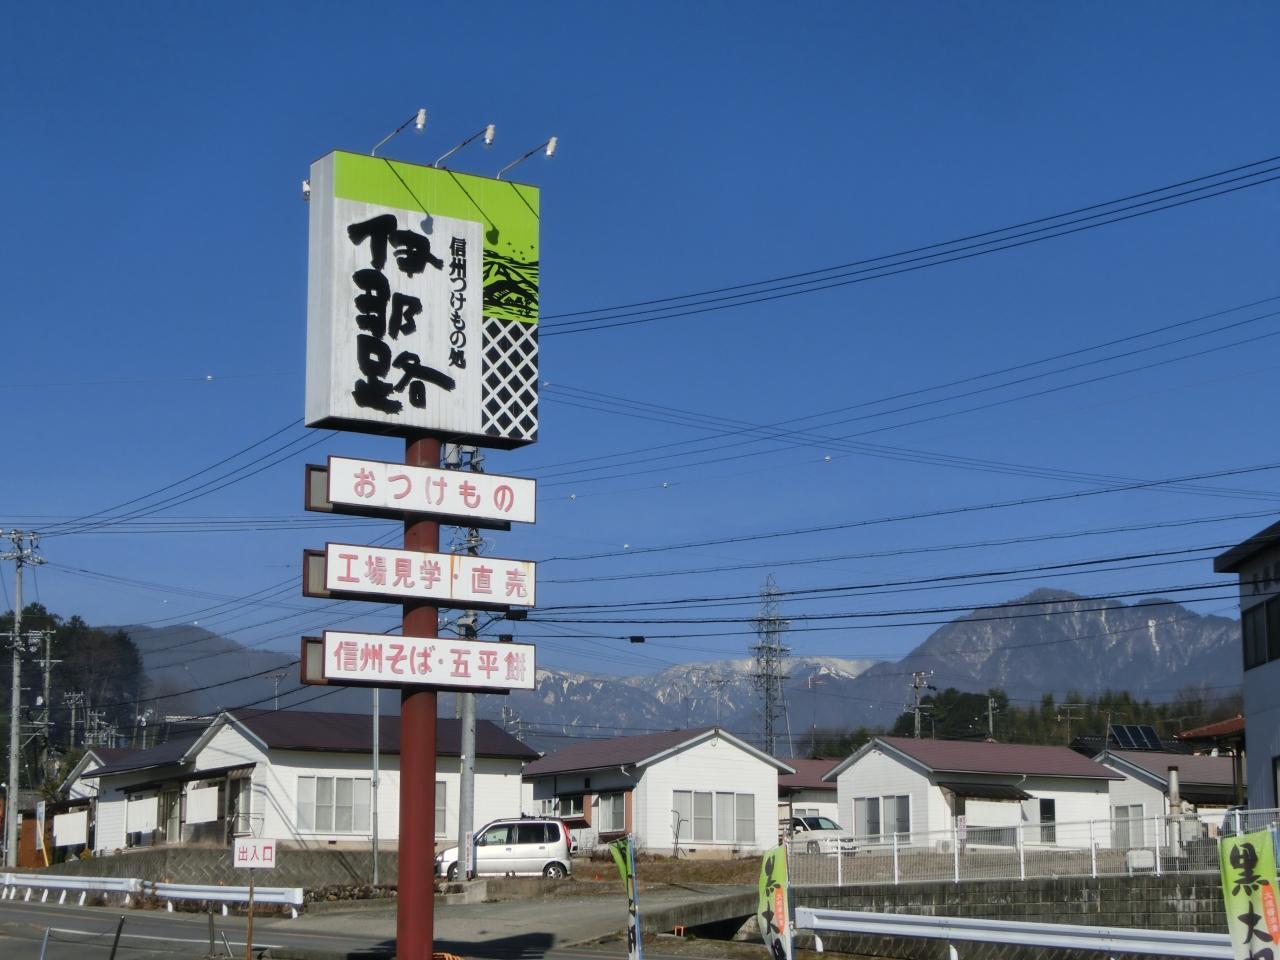 ドキドキ東京・富士・清里たくさんの思い出とワクワク東京ディズニーリゾートへの旅